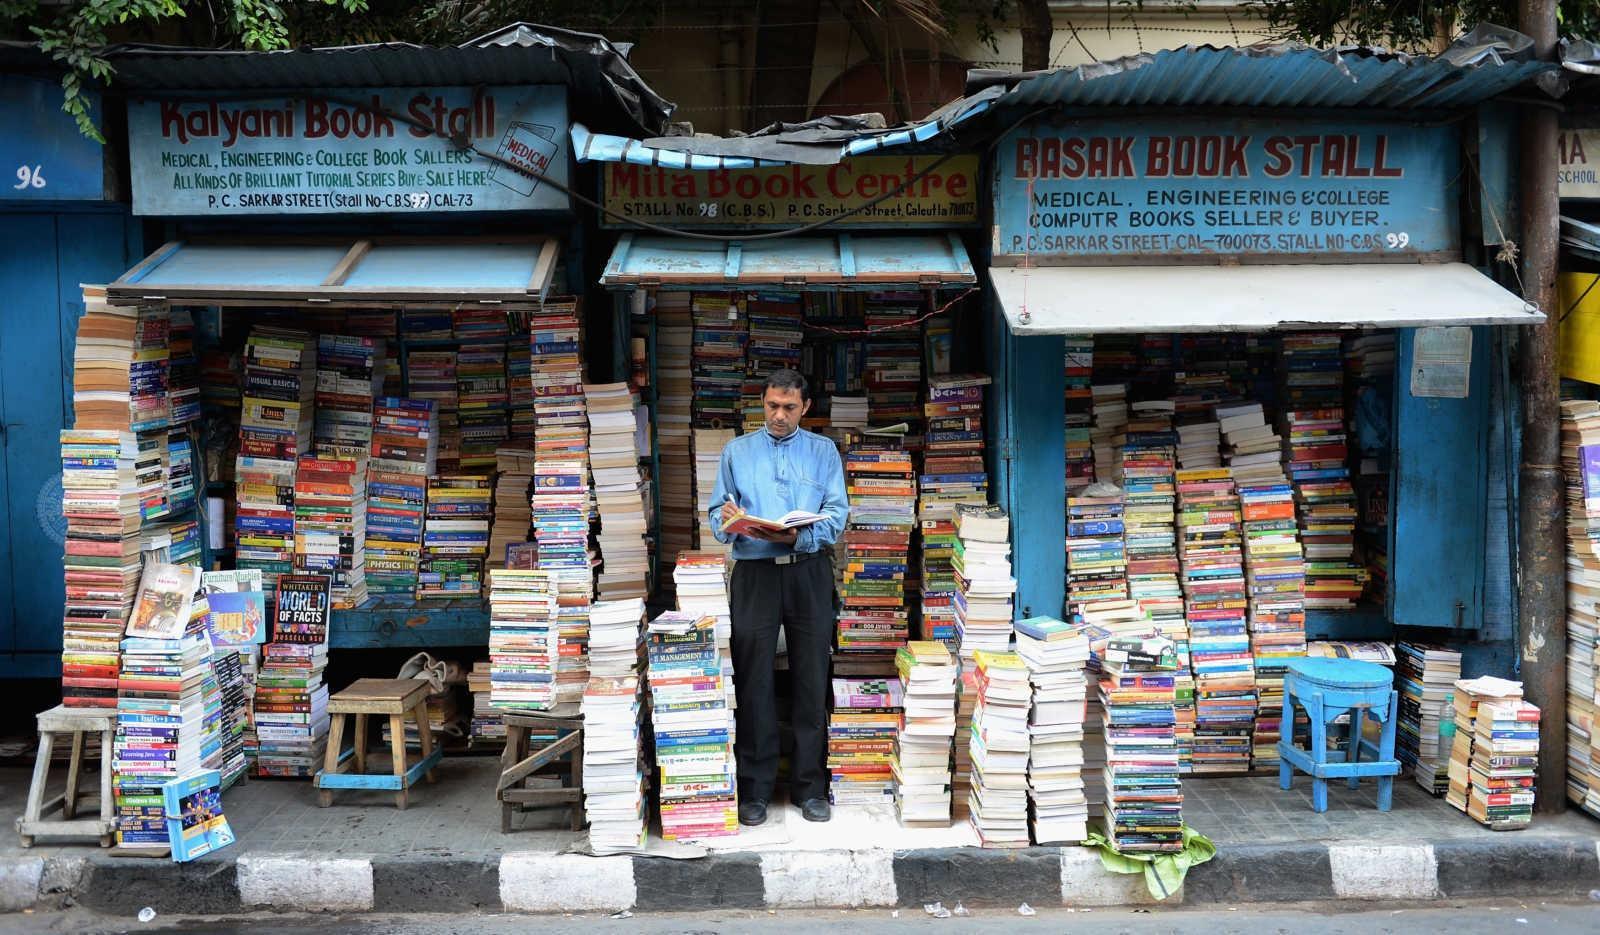 Cơn ác mộng của ngành xuất bản Ấn Độ Ảnh 2